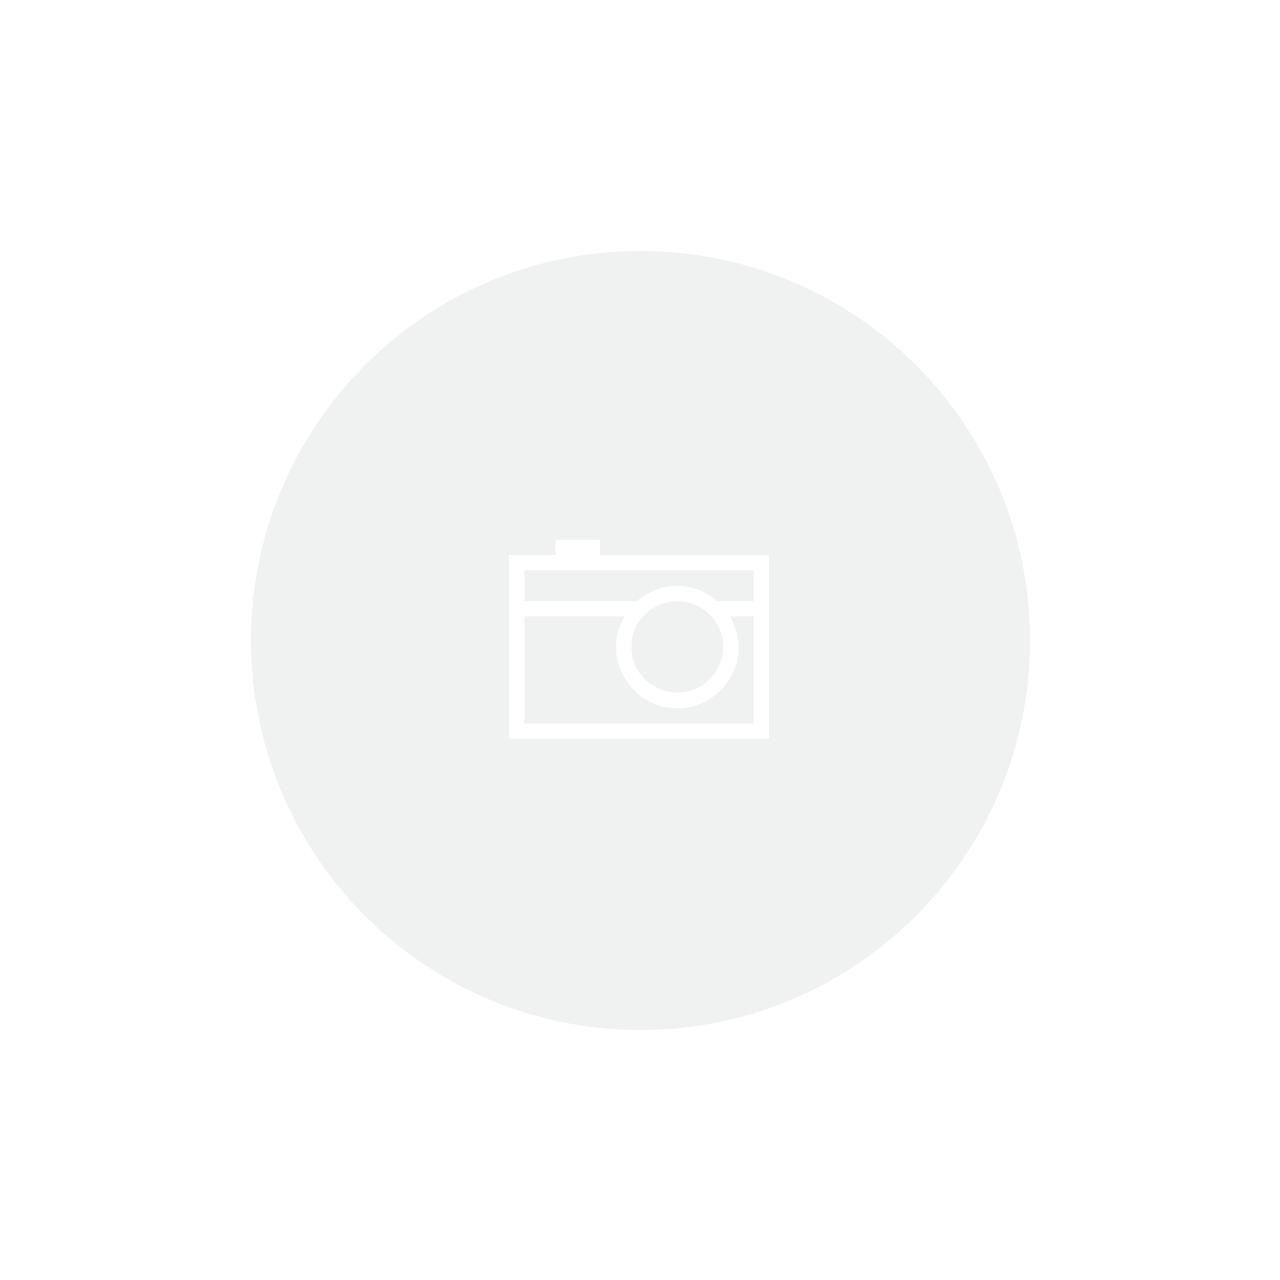 Filtro de ar Inbox BMC Air Filter para 235i / 335i / 435i